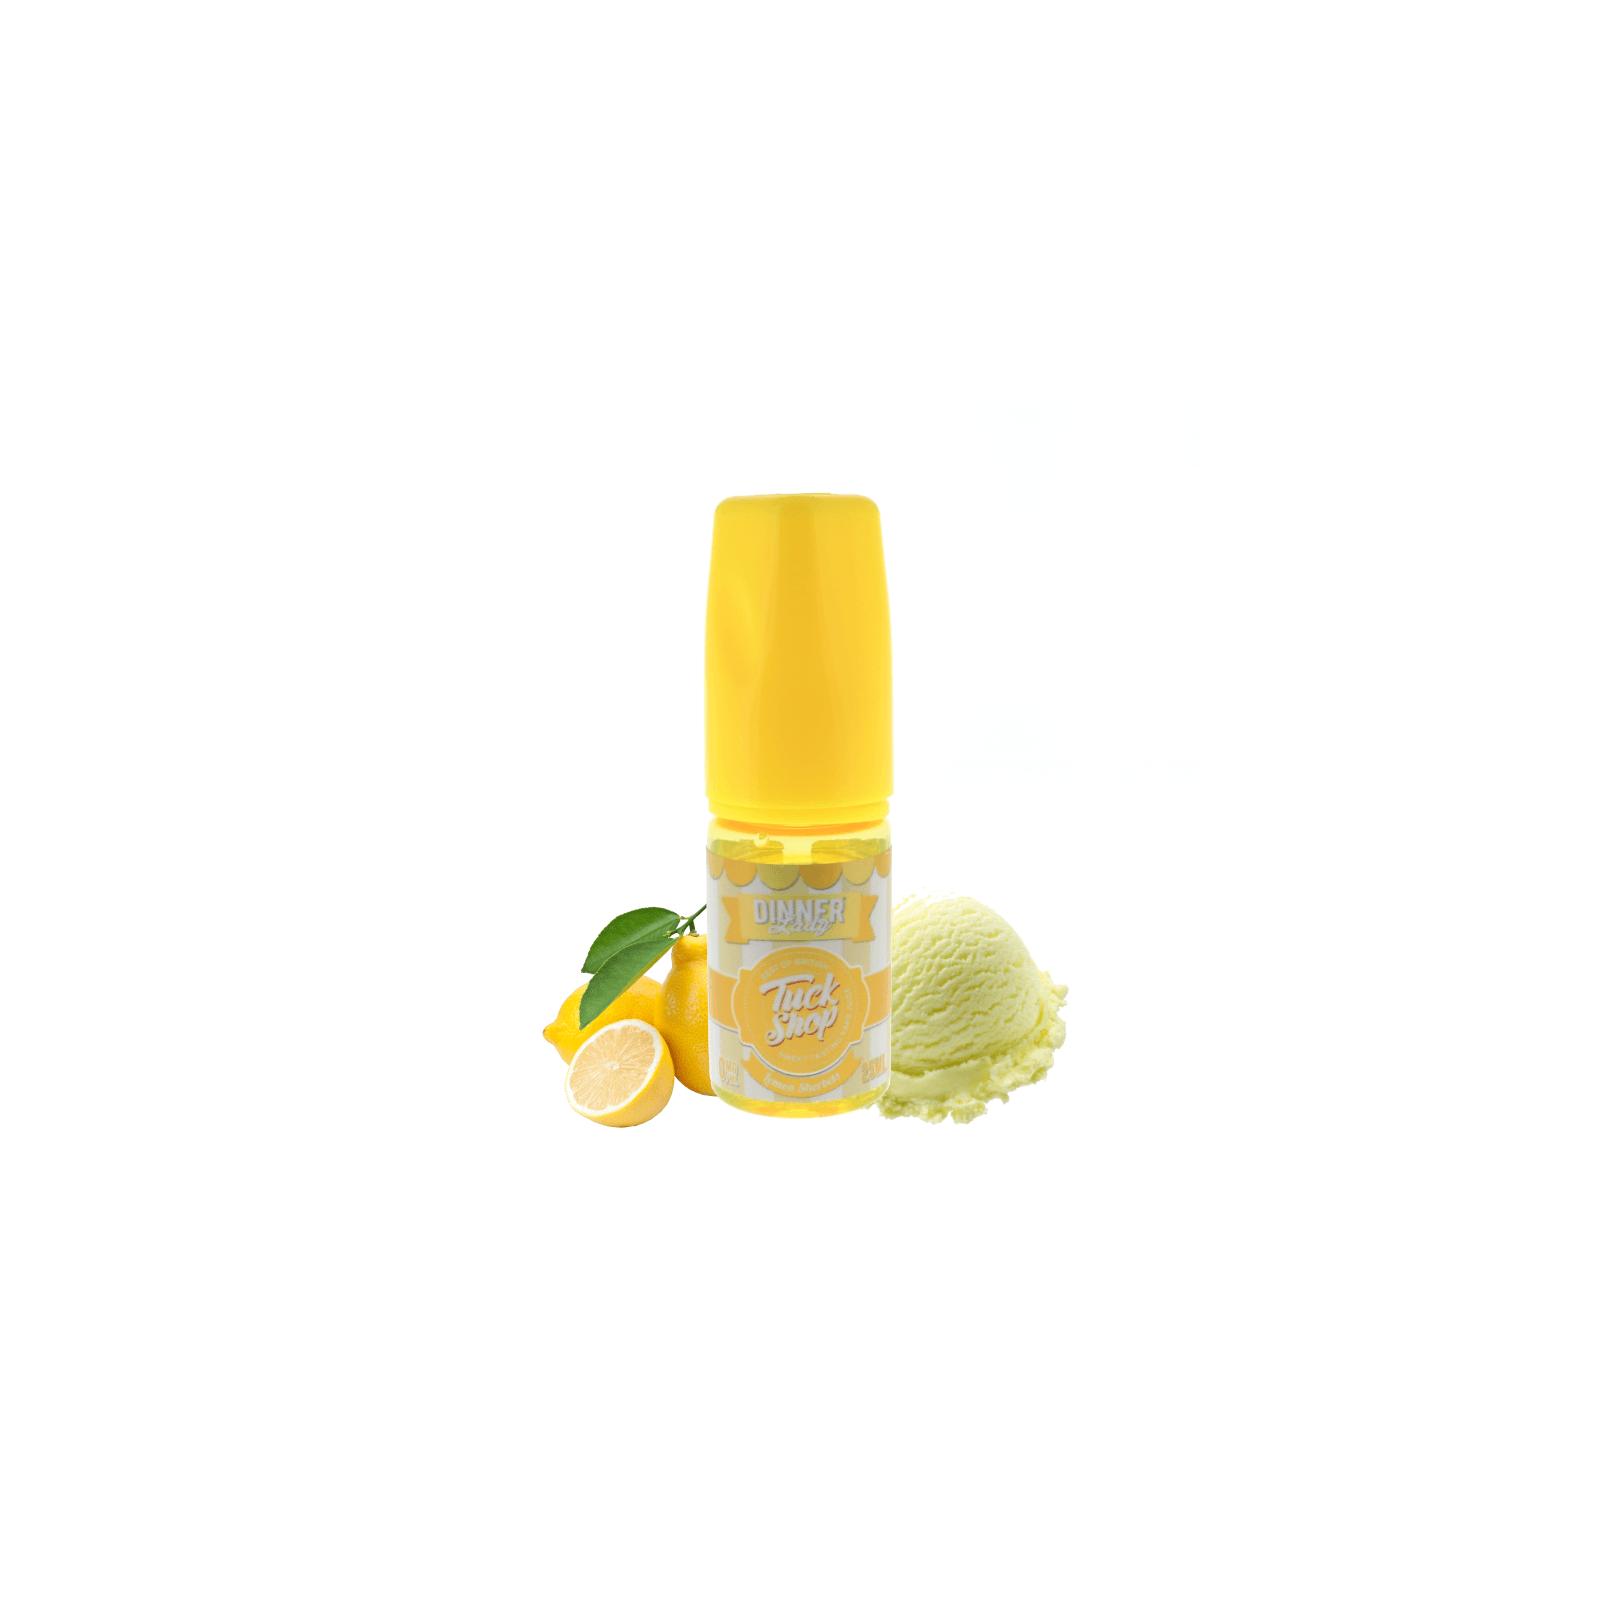 Concentré Lemon Sherbets 25ml - Dinner Lady